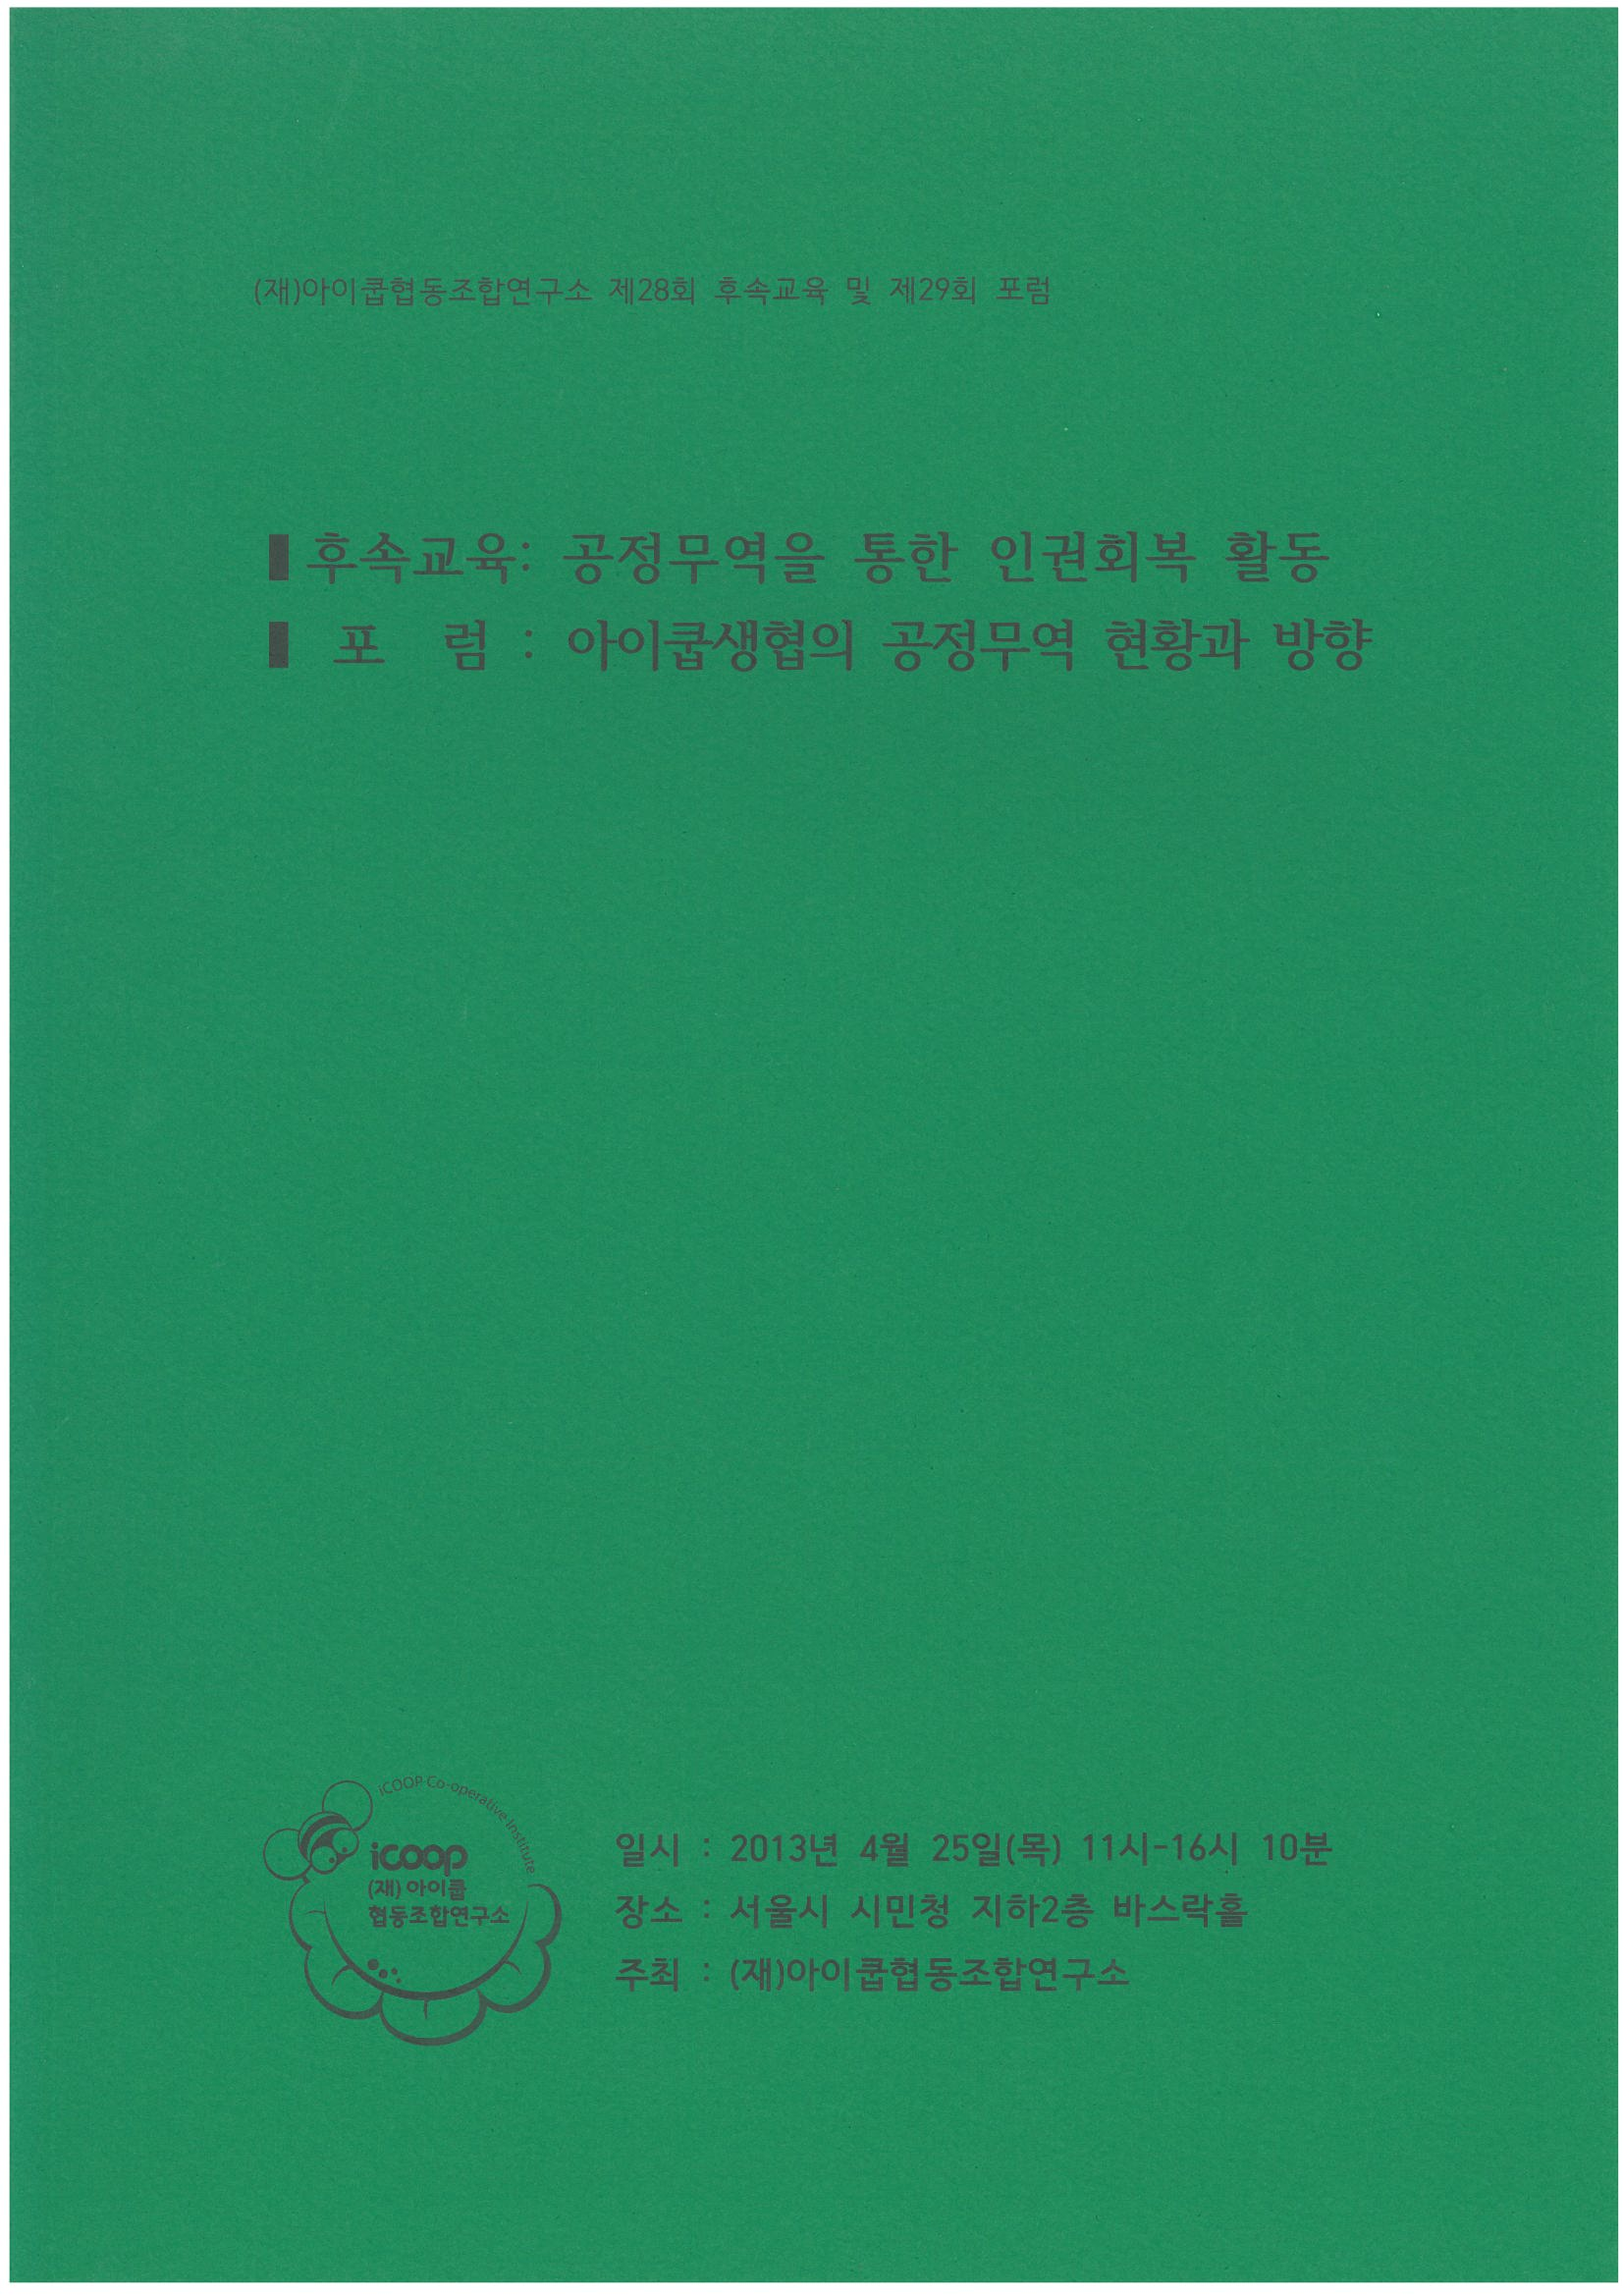 128_(제28회 후속교육 자료집) 『공정무역을 통한 인권회복 활동』_표지.jpg